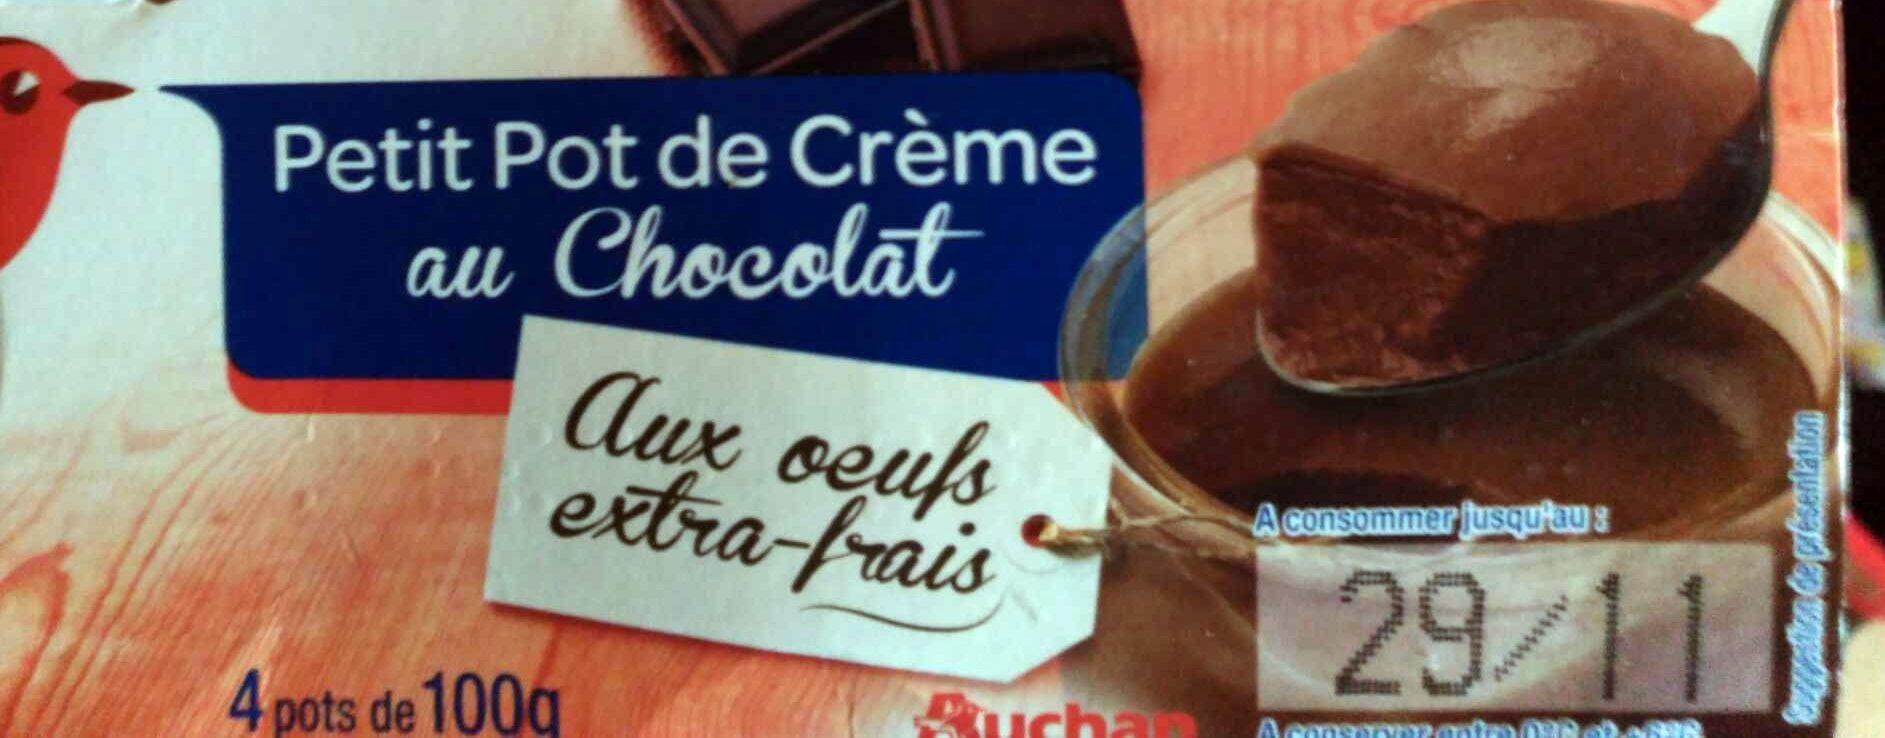 Petit Pot de Crème au Chocolat - Produit - fr